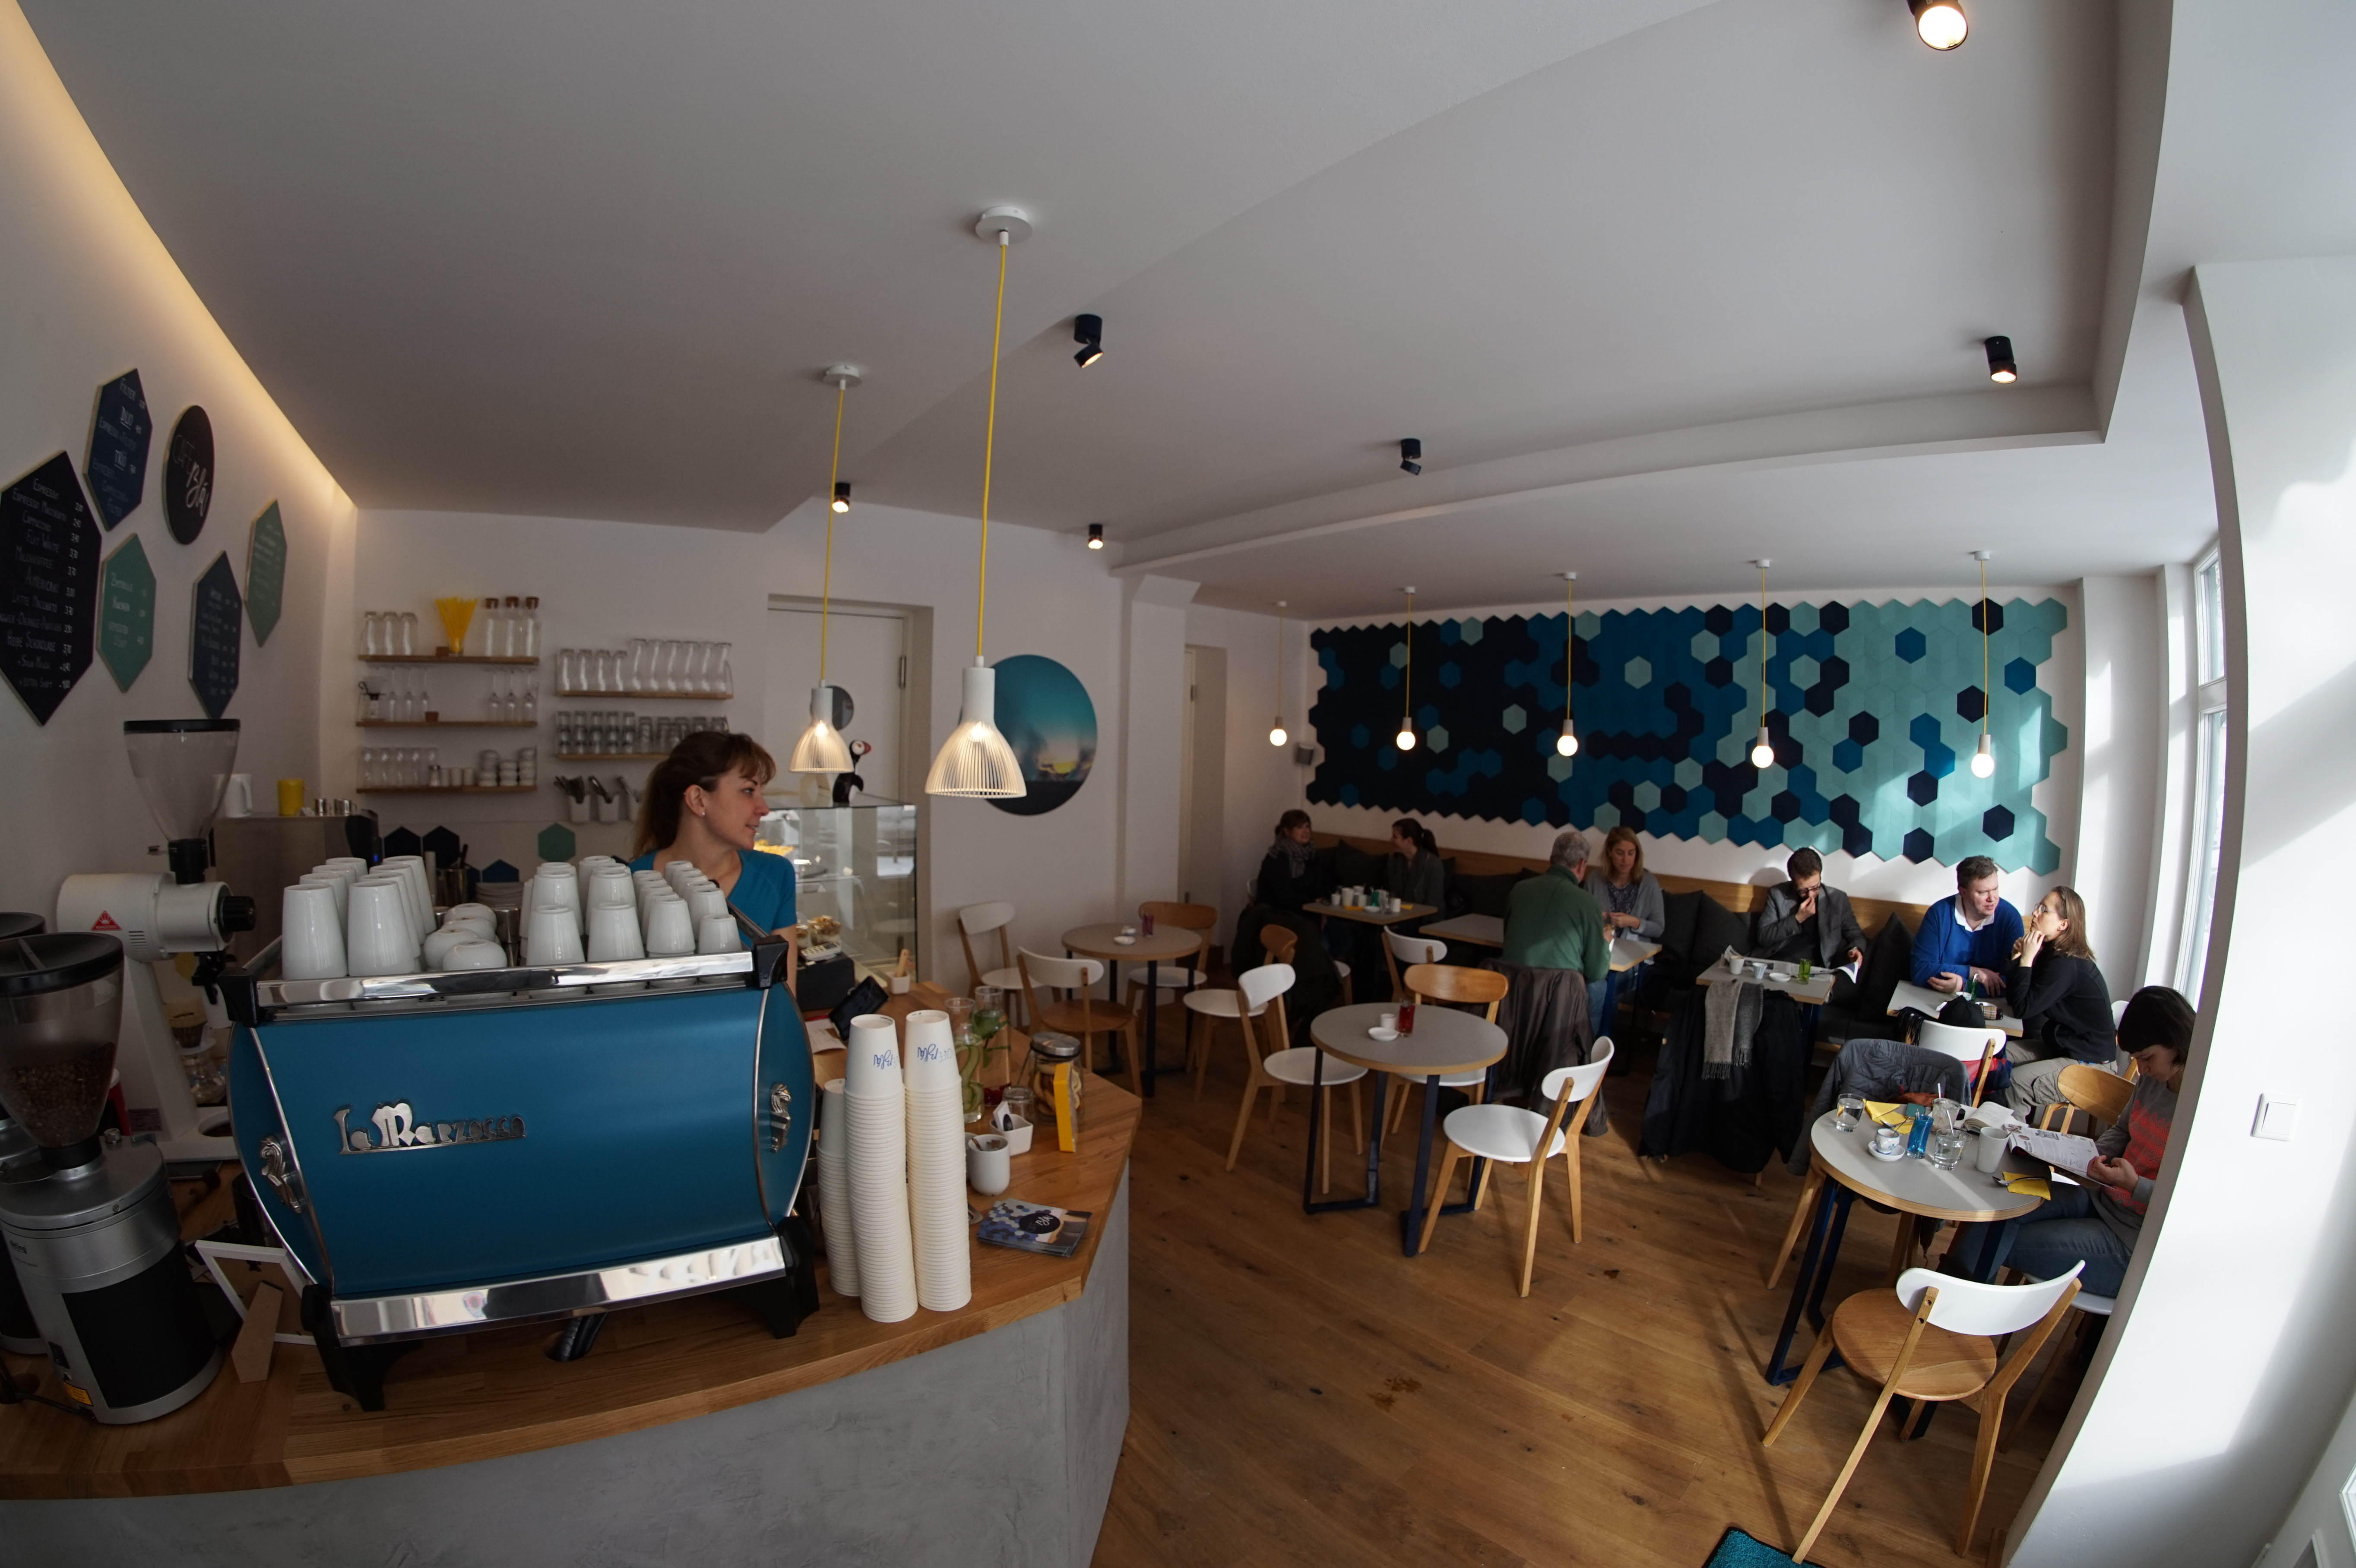 isl ndische kaffee kultur im caf bl an der isar mit vergn gen m nchen. Black Bedroom Furniture Sets. Home Design Ideas